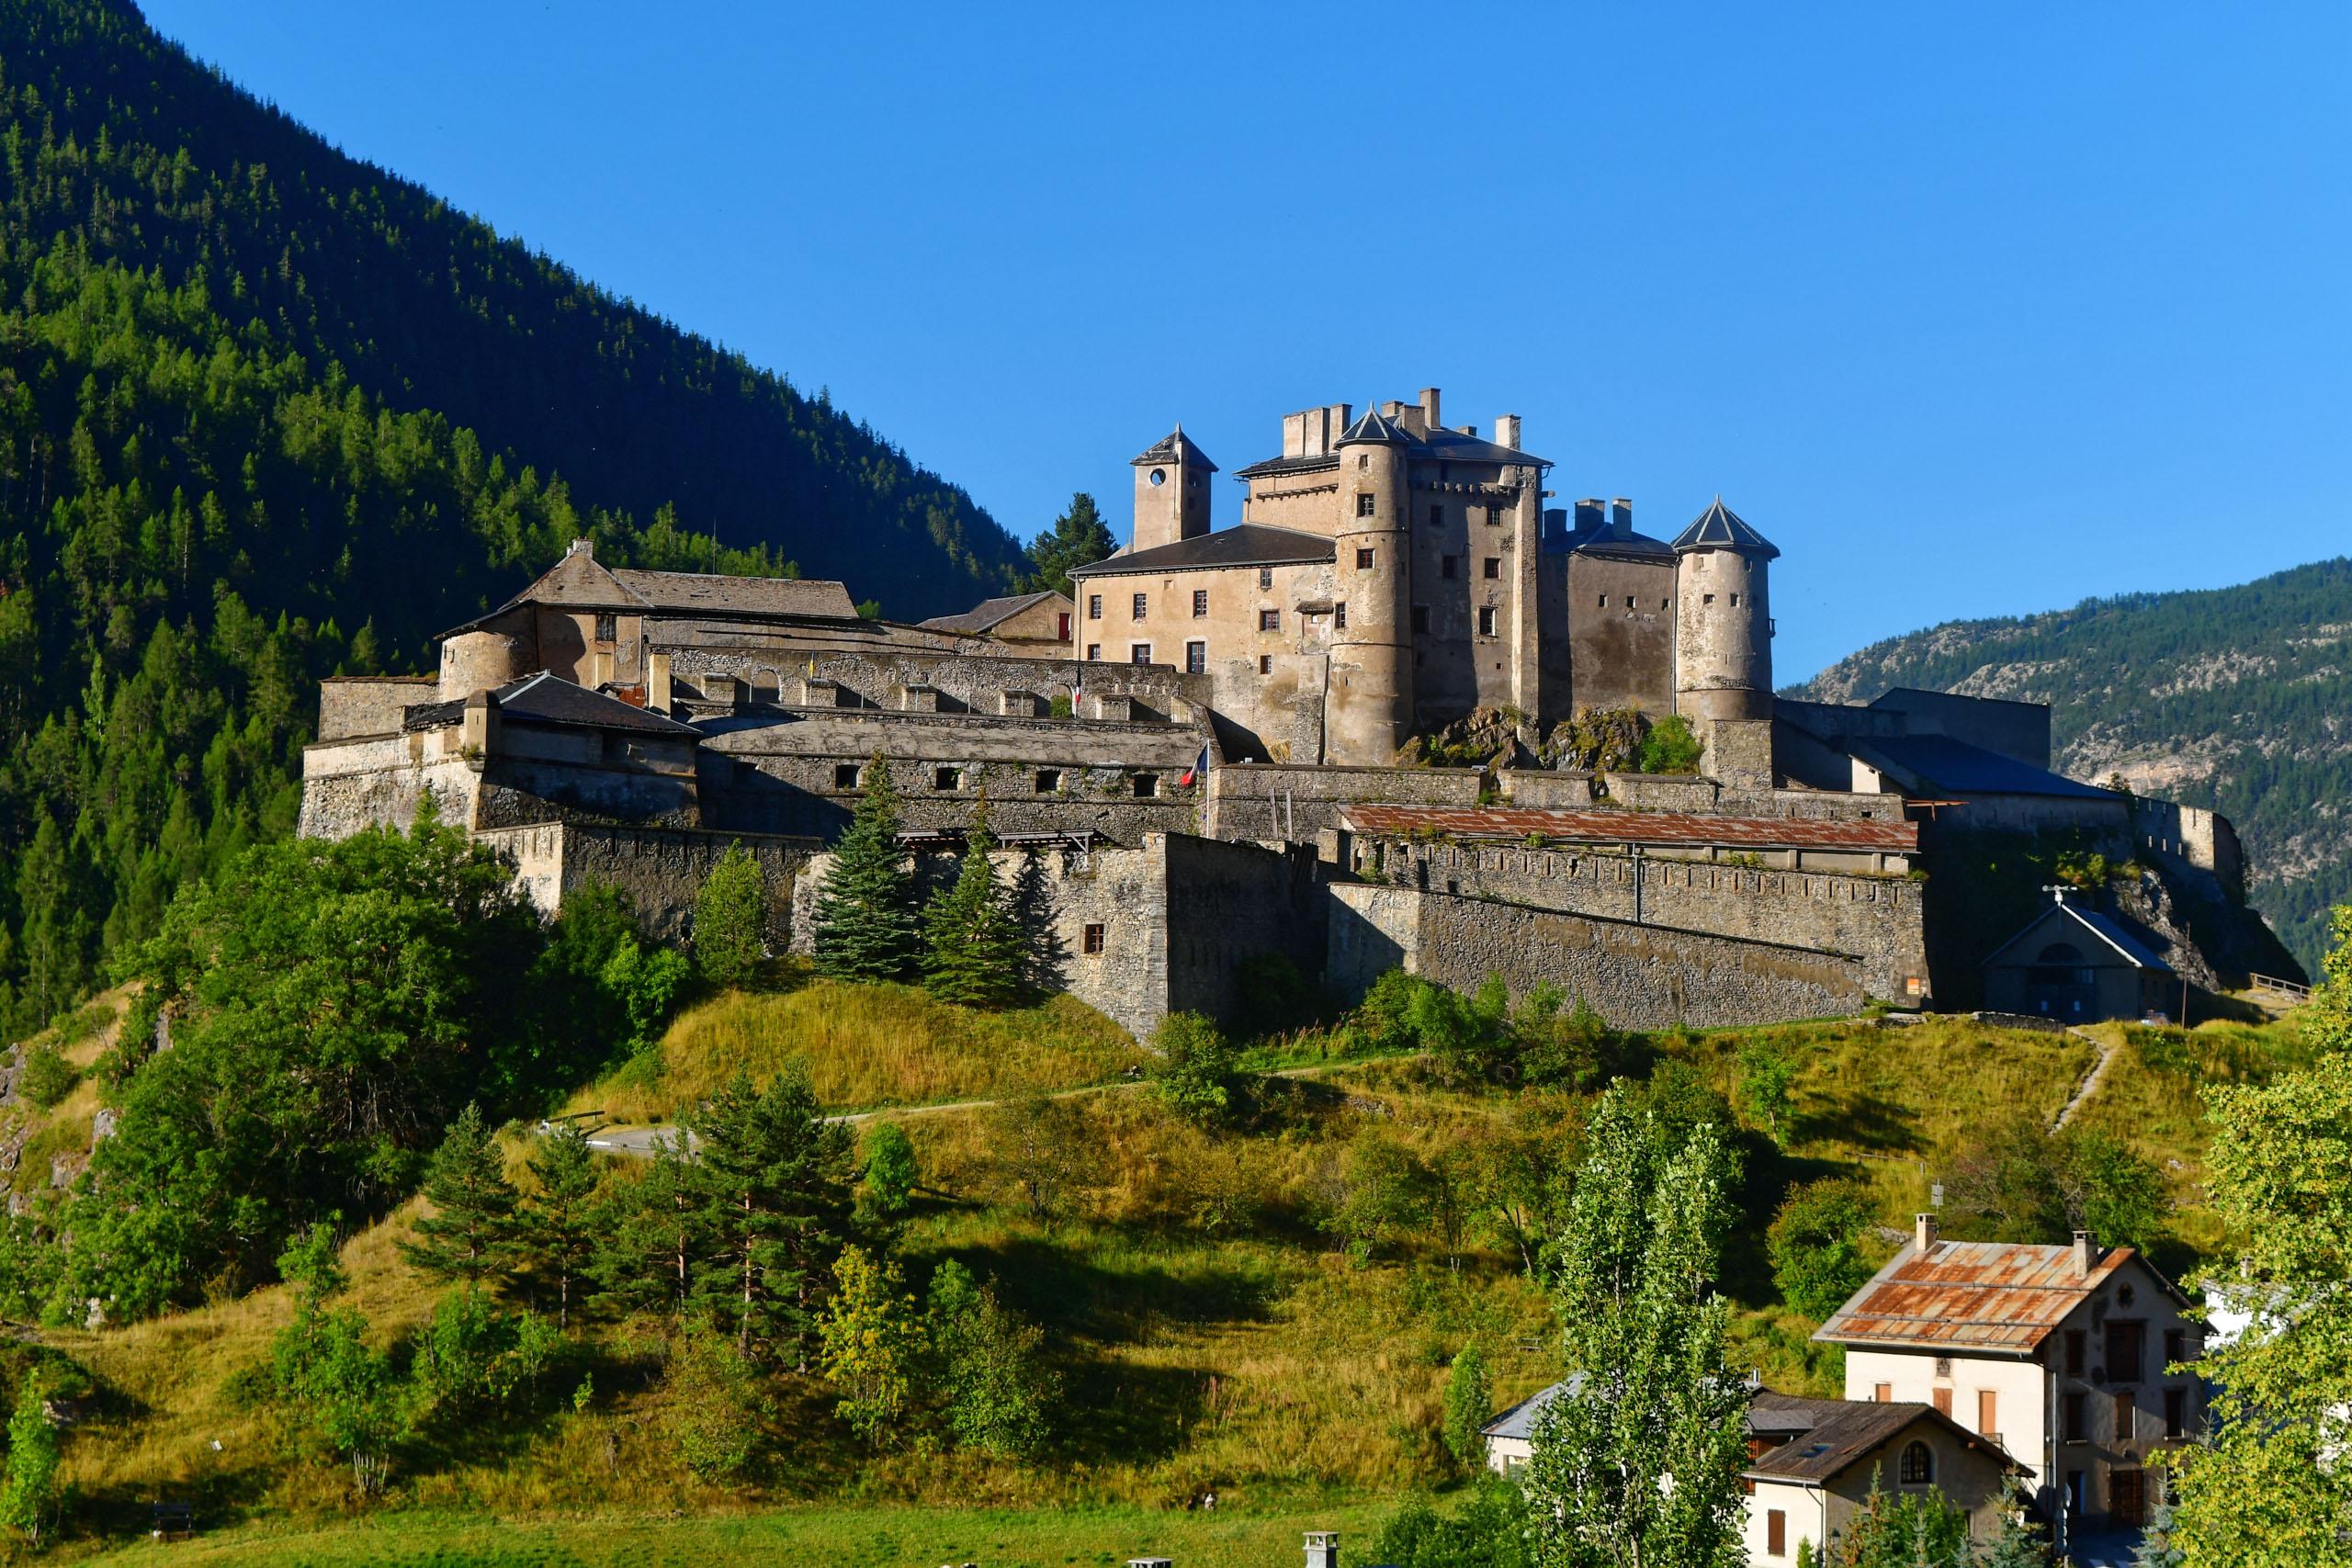 Rückblick auf Chateau Queyras in der Auffahrt